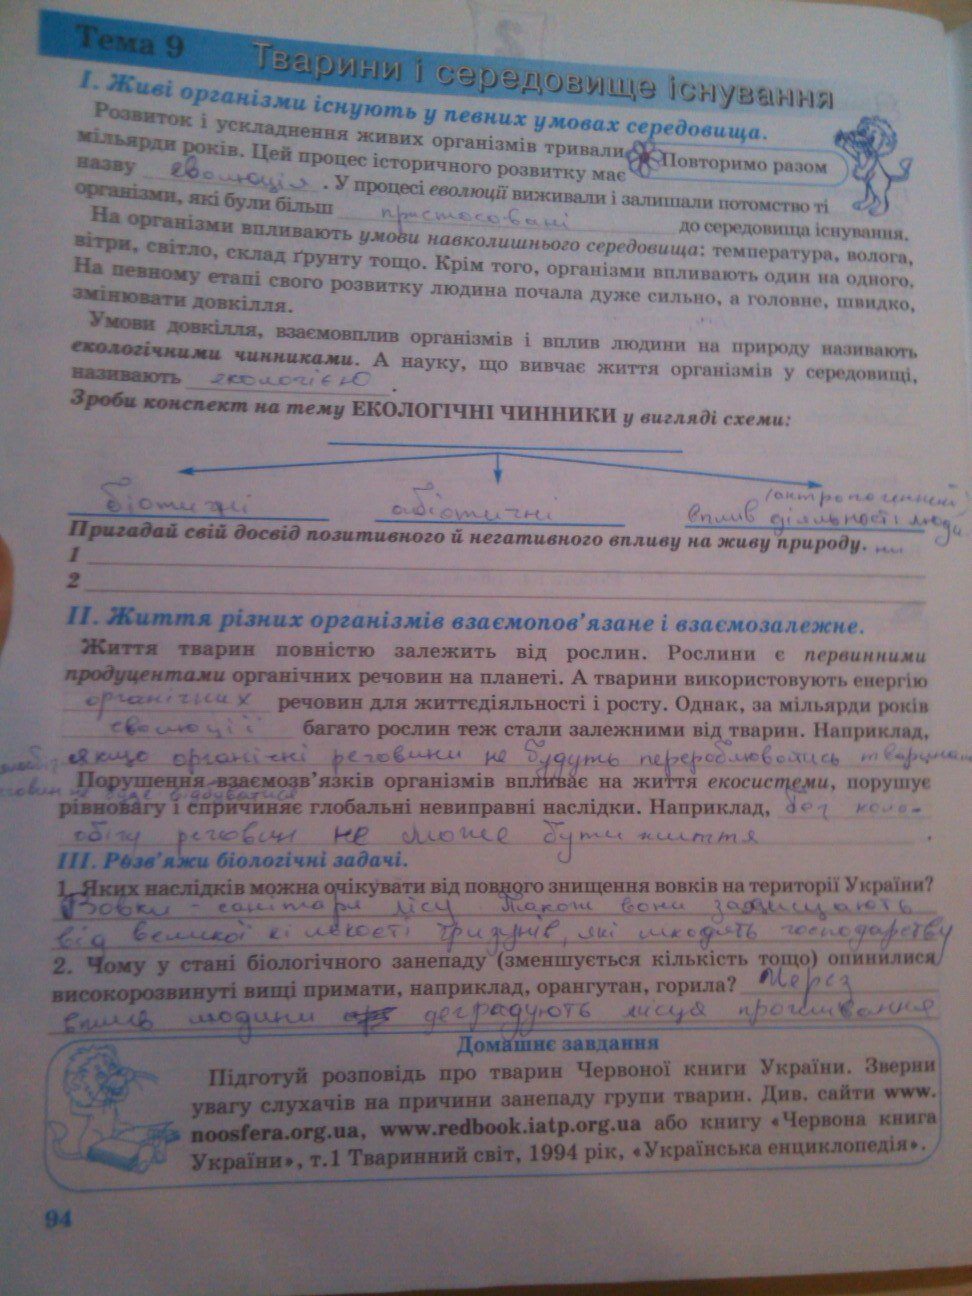 6 князева гдз зошит клас біологія